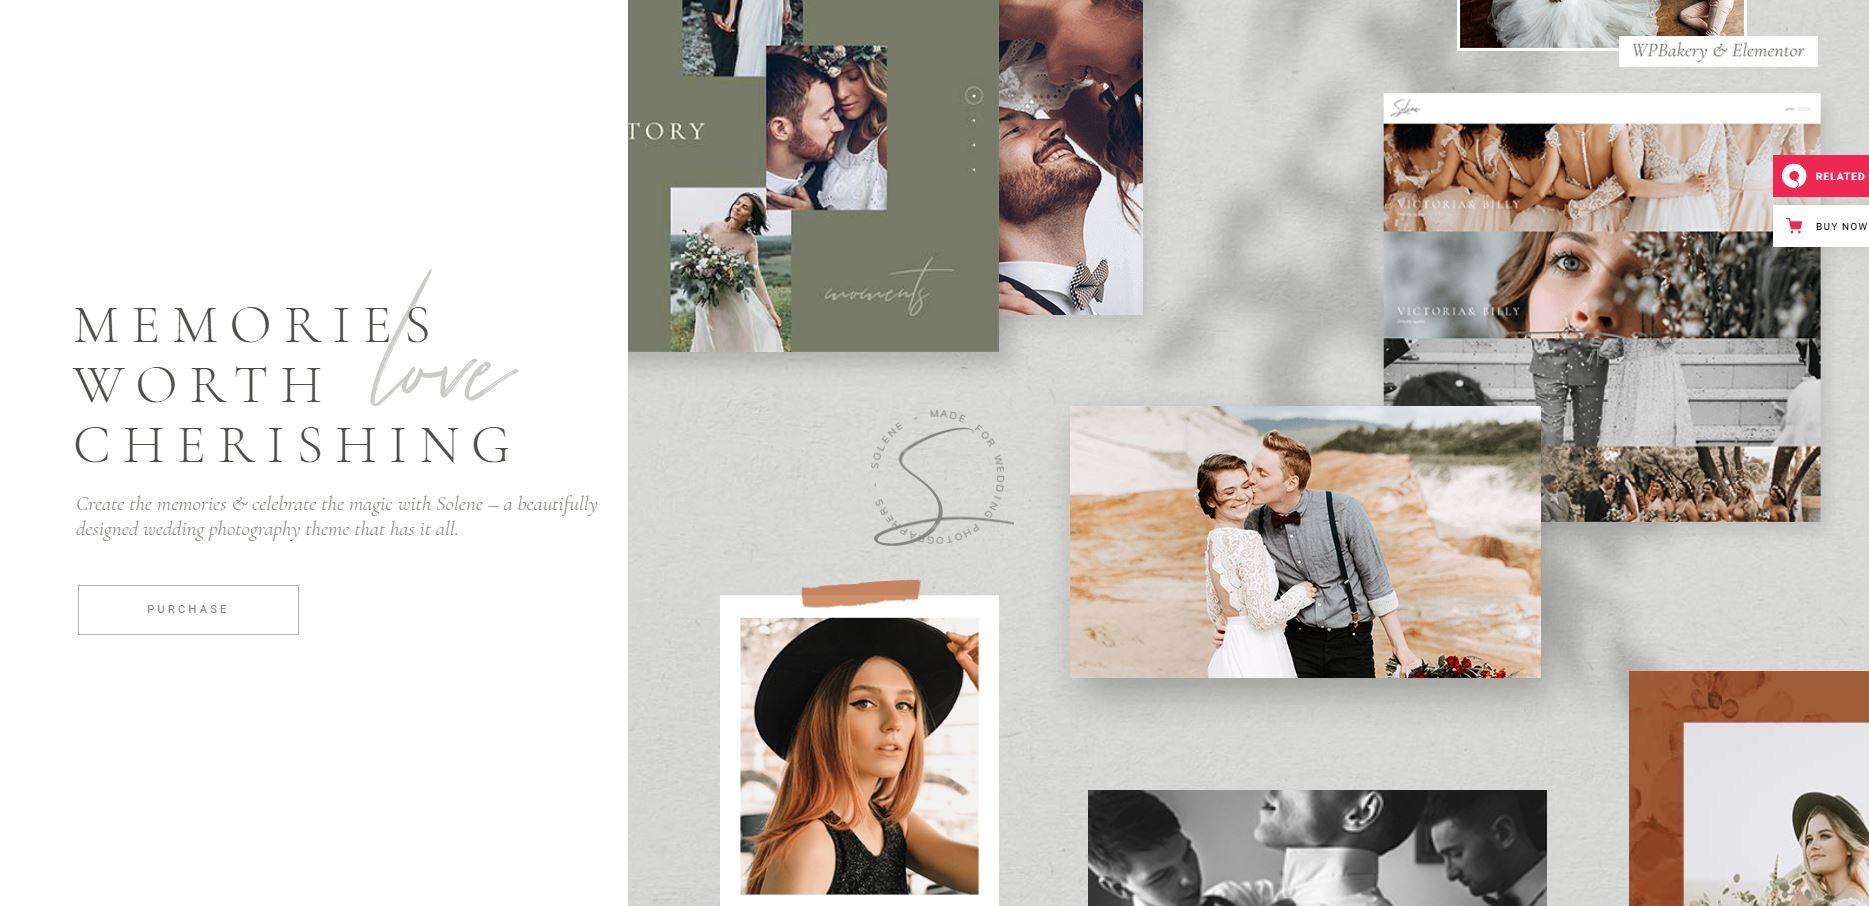 Solene-beste-wordpress-themes-voor-fotografie